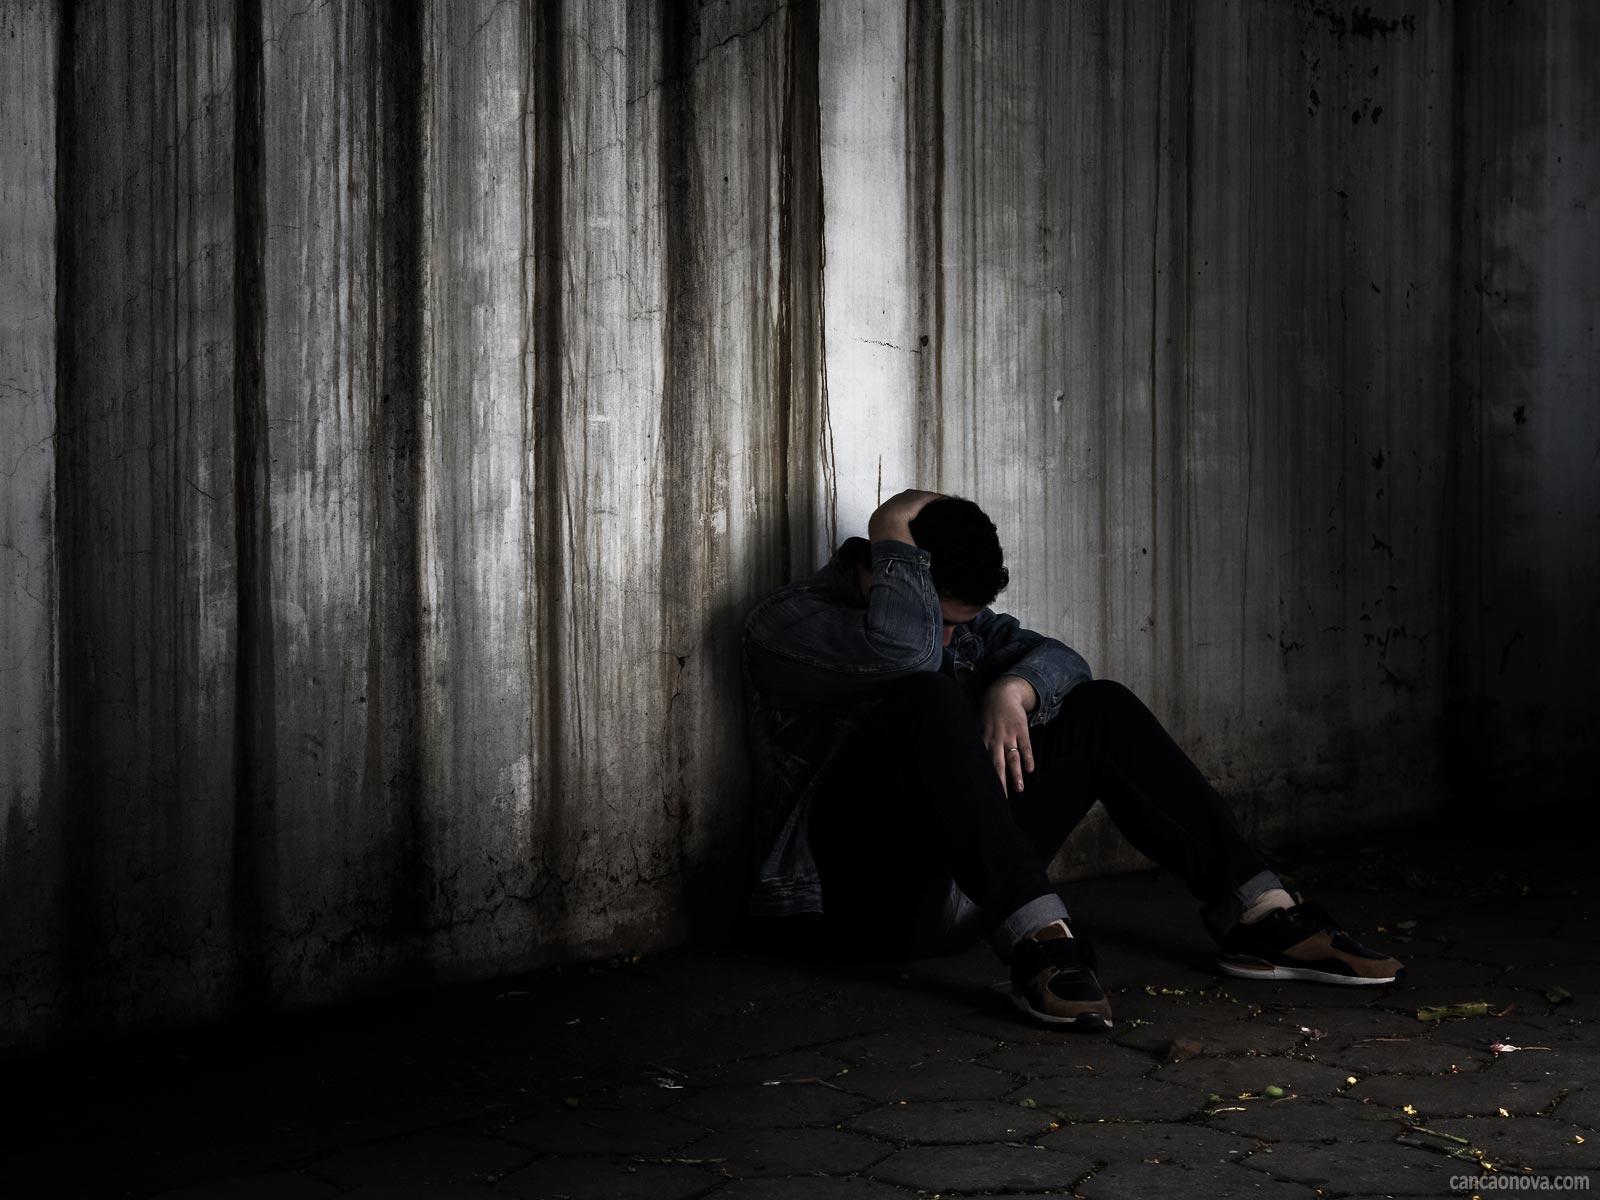 Conheça os cinco principais mitos que permeiam a questão do suicídio